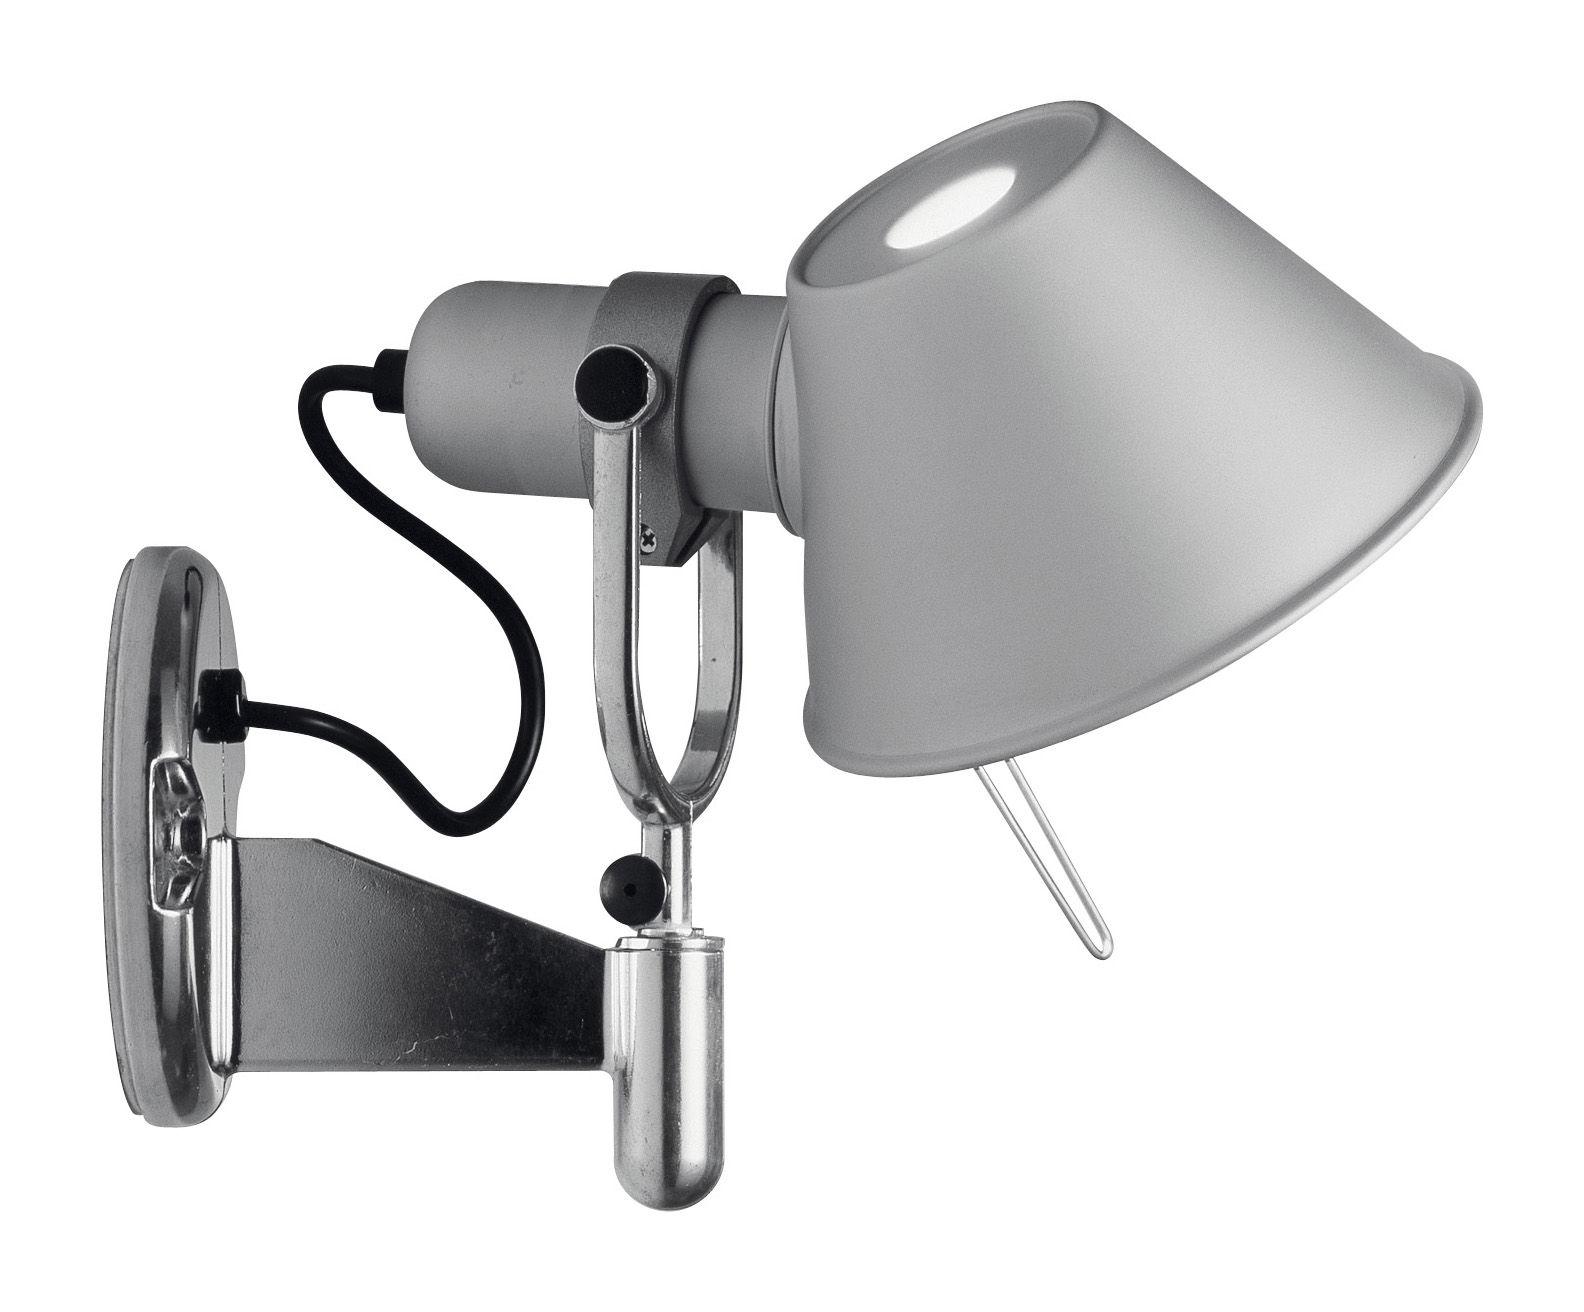 Illuminazione - Lampade da parete - Applique Tolomeo Faretto - H 23 cm di Artemide - Alluminio - Alluminio anodizzato, Alluminio lucido